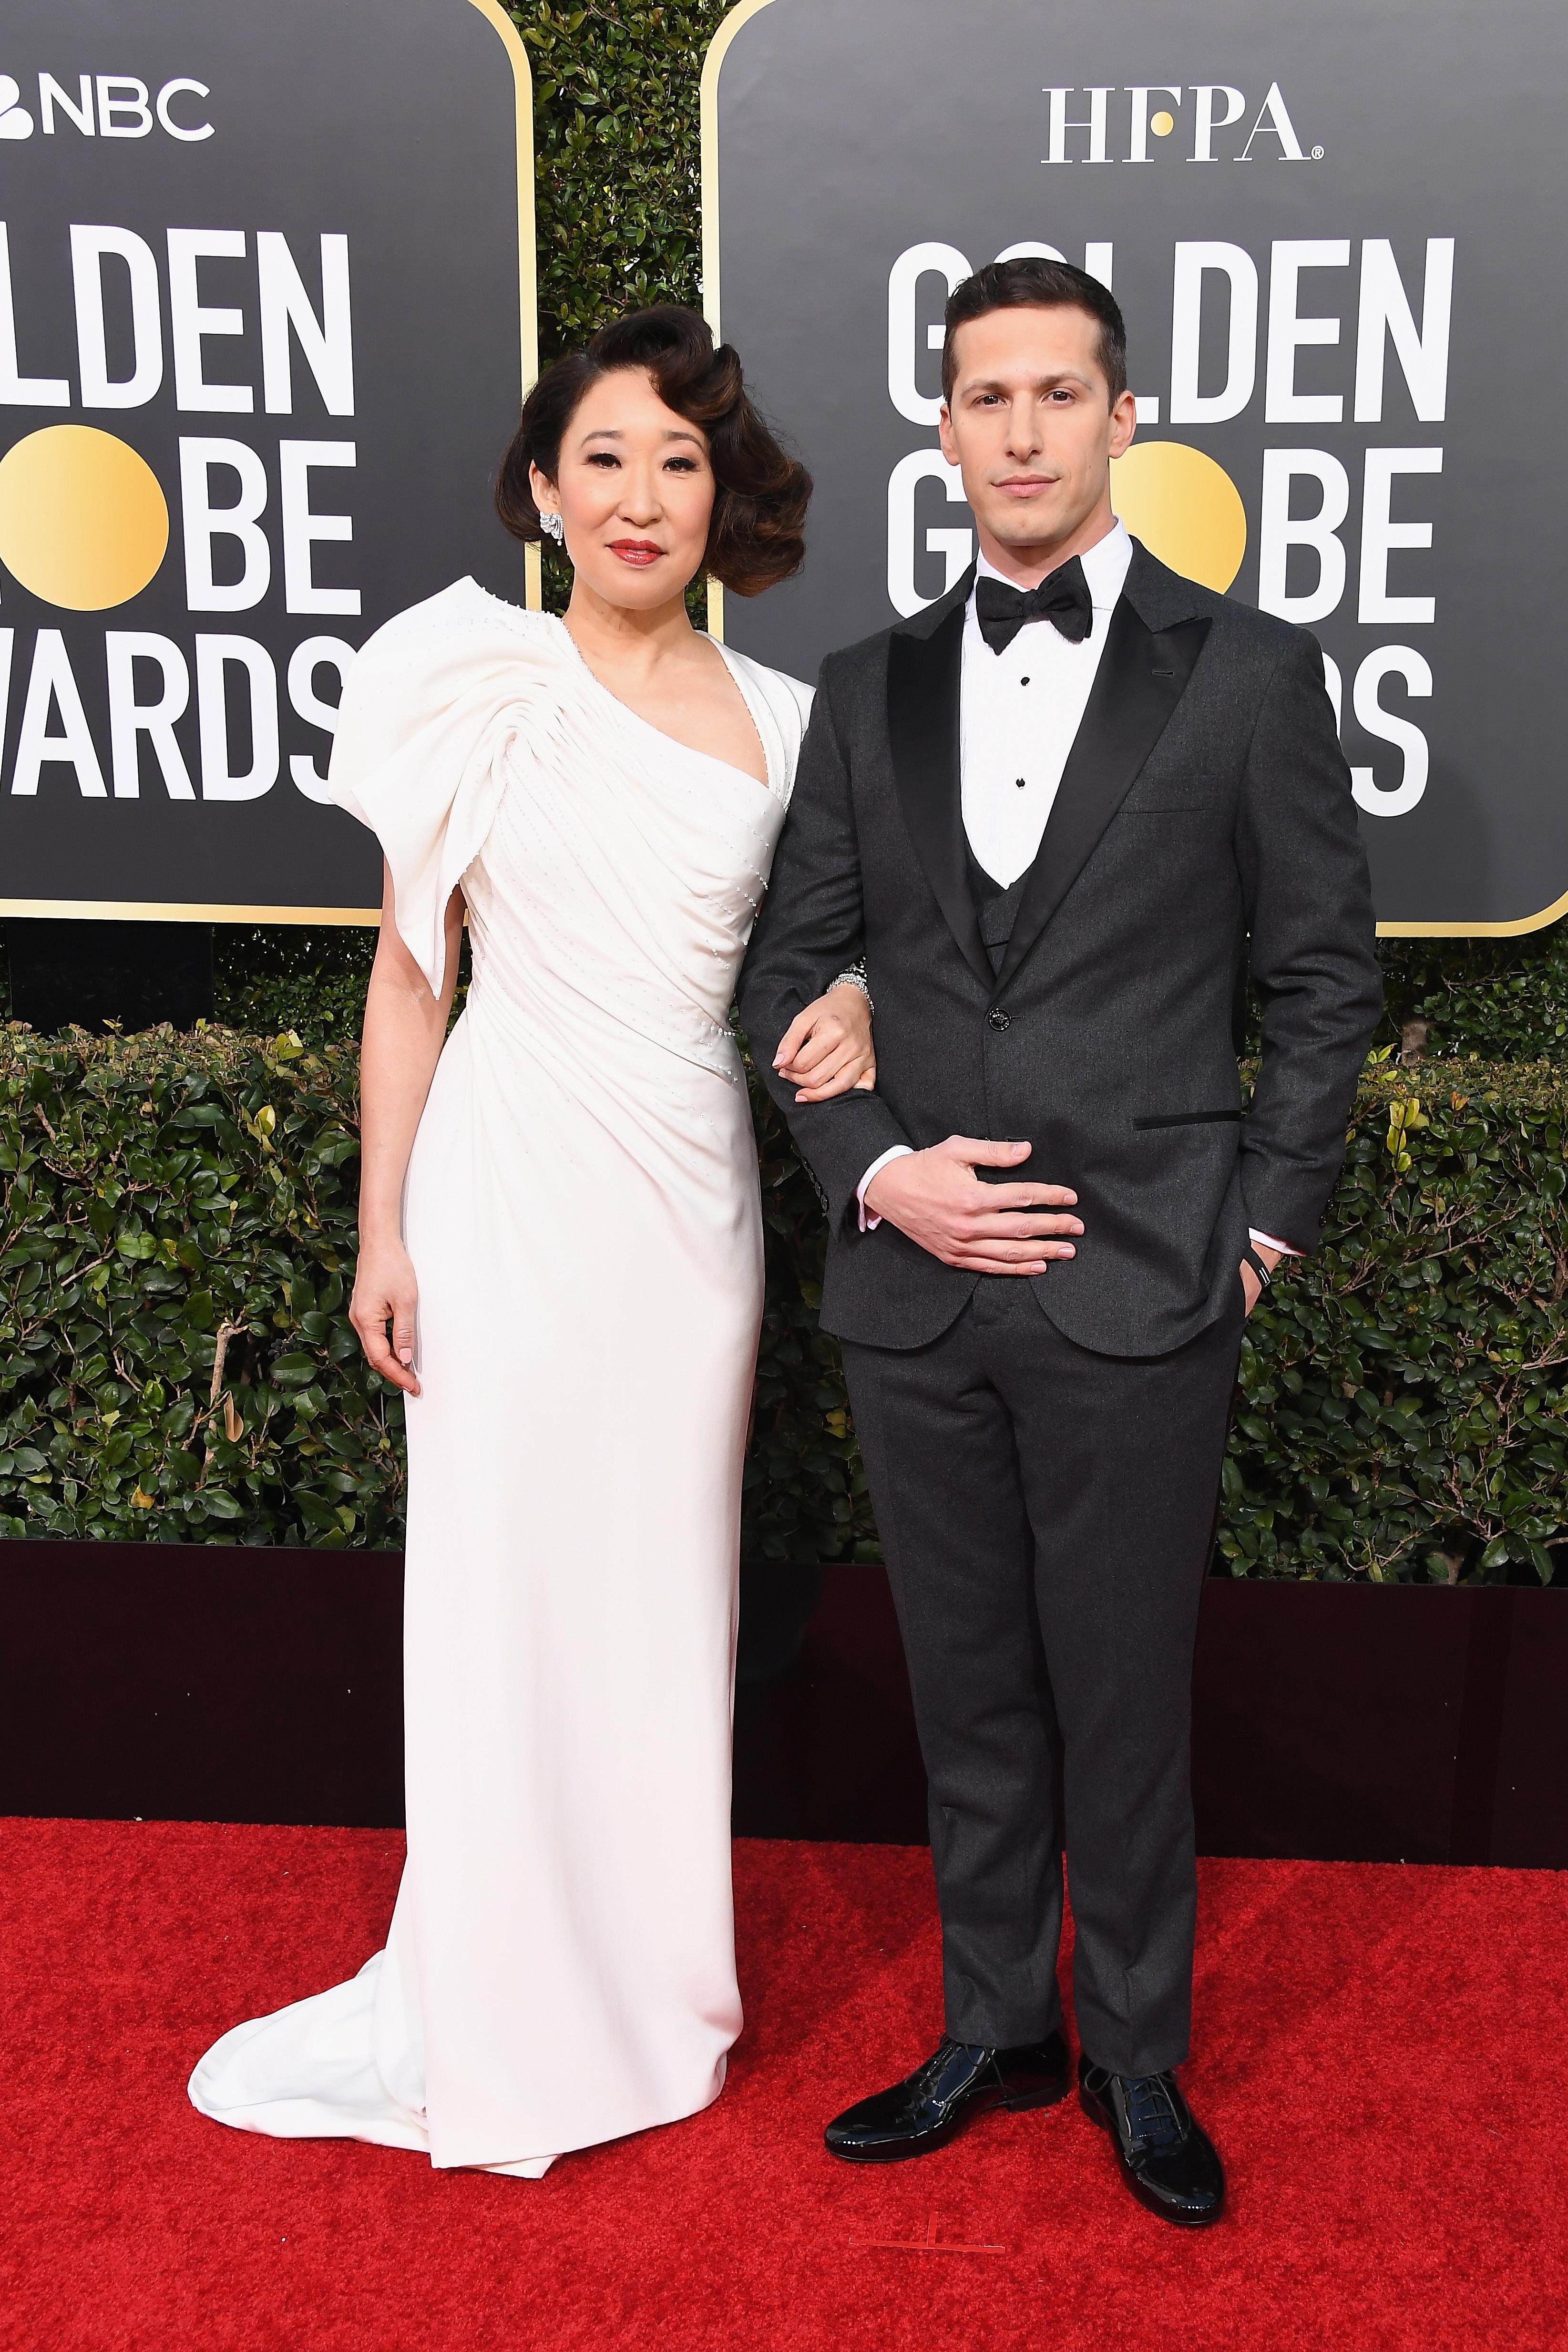 Sandra Oh e Andy Samberg no tapete vermelho do Globo de Ouro 2019